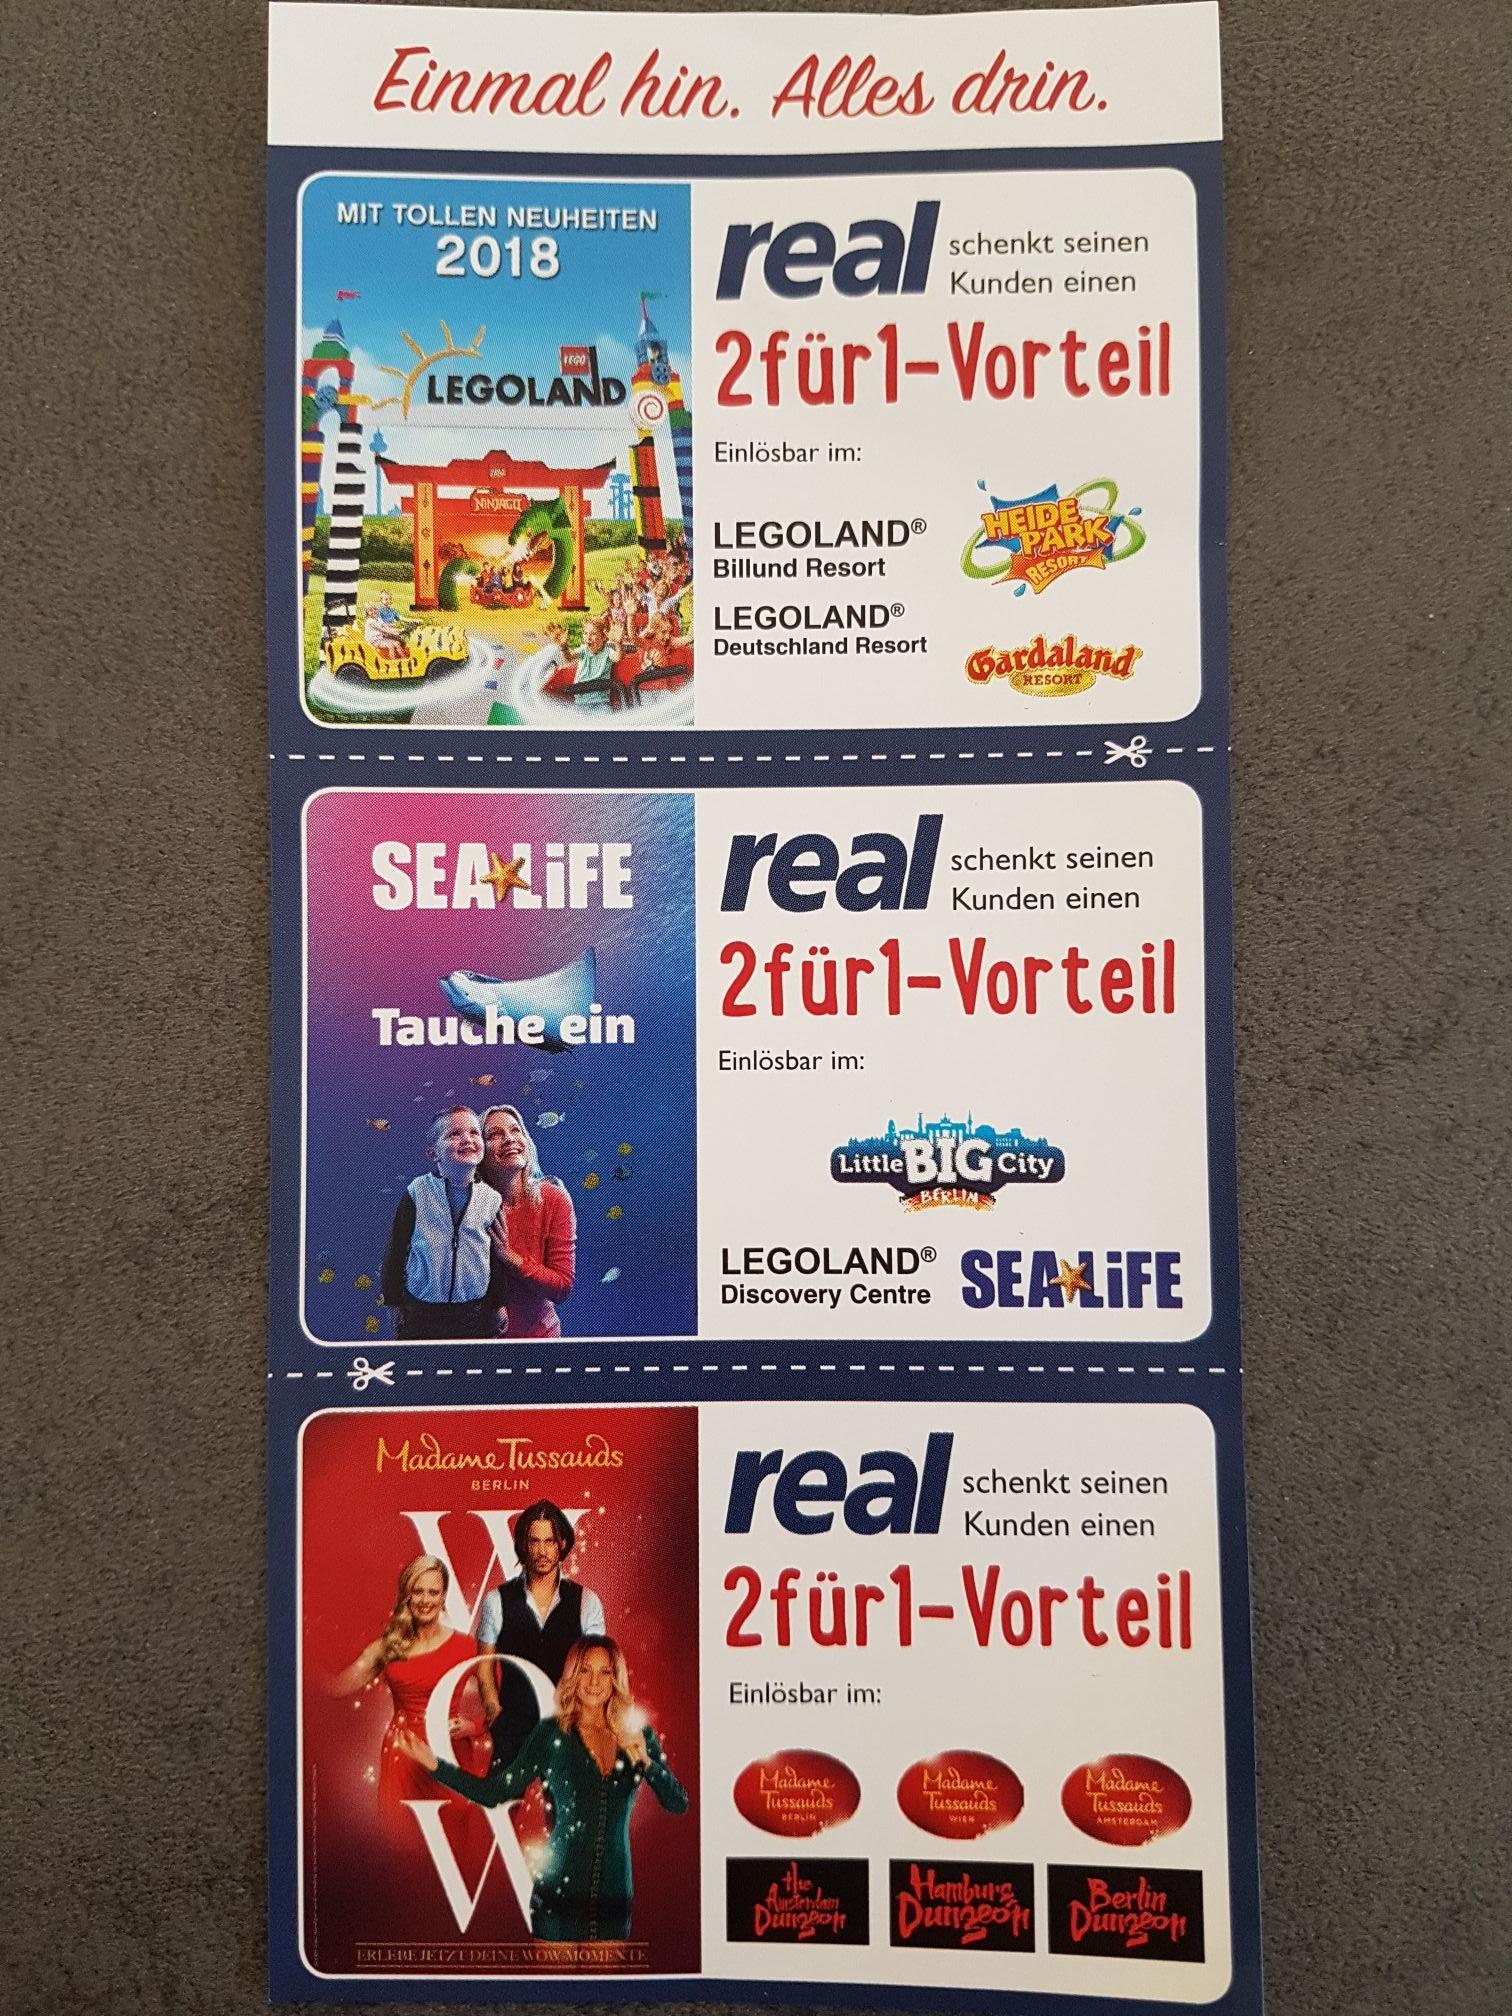 2 für 1 Gutscheine für Legoland, Gardaland, Heide Park, Sealife, Madame Tussauds